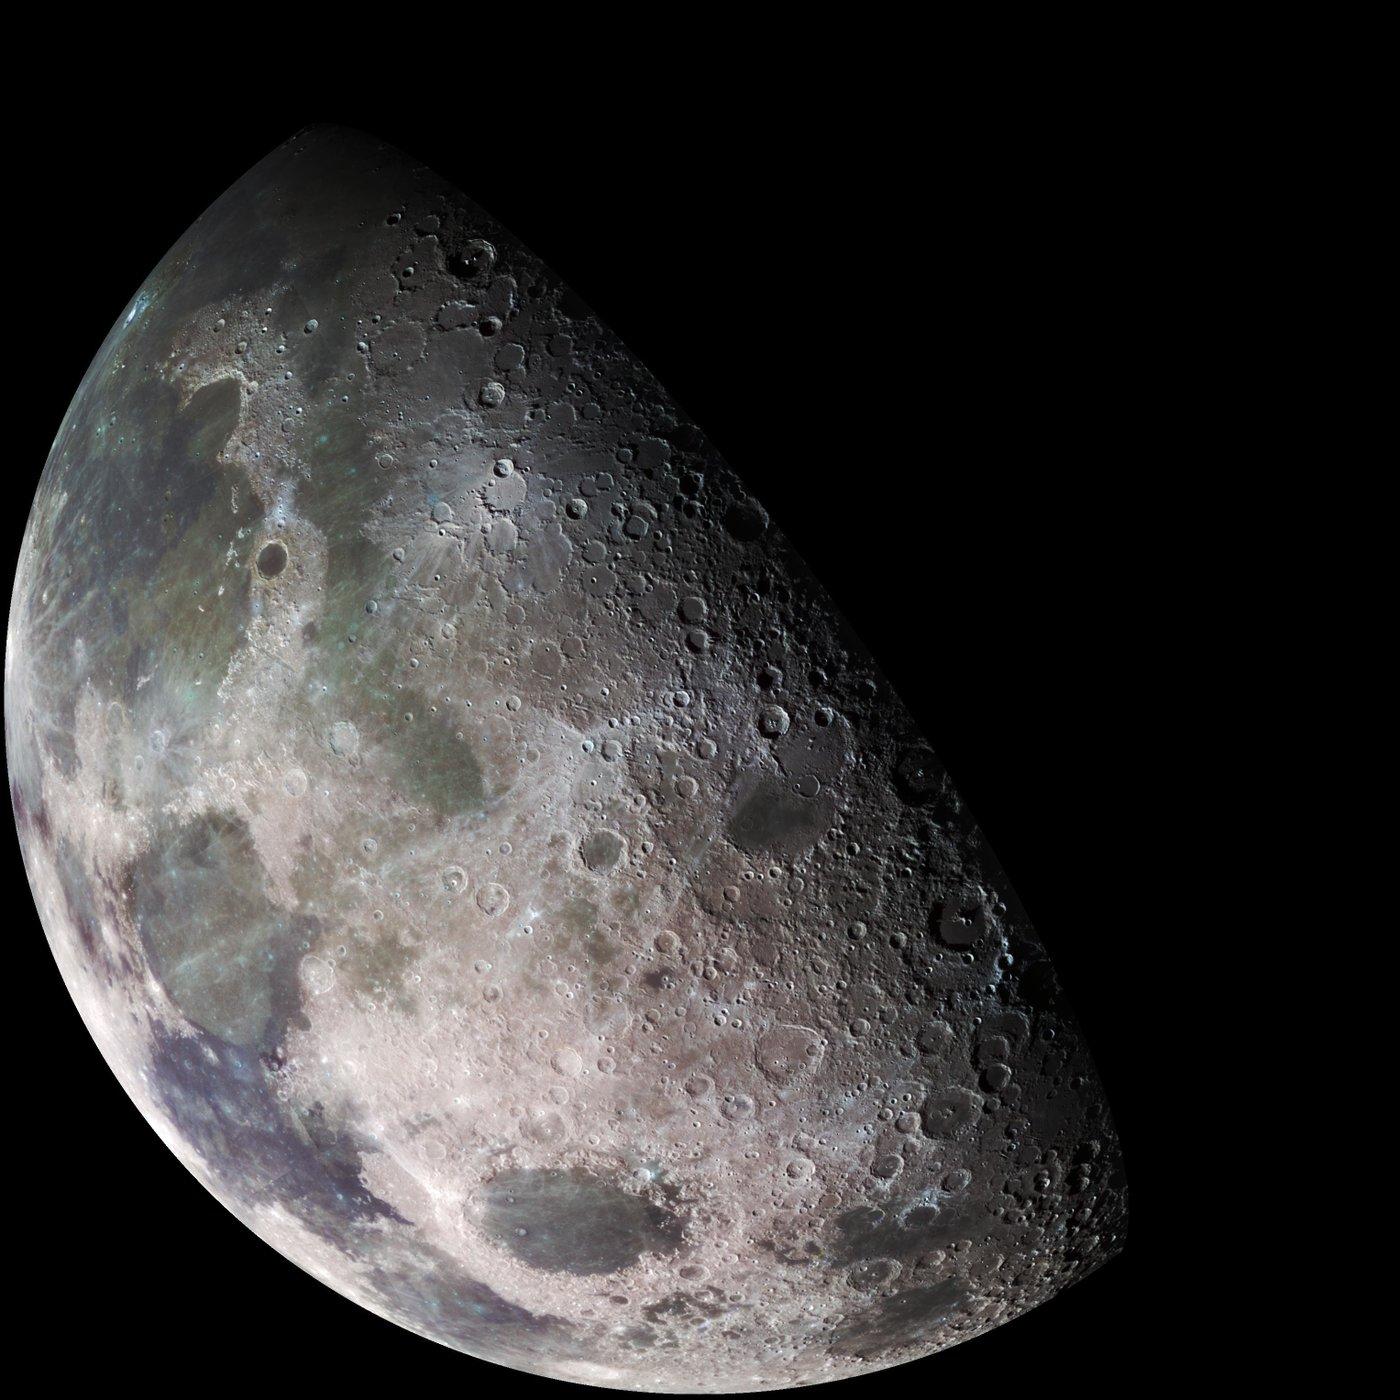 Η ακτινοβολία στην επιφάνεια της Σελήνης 200 φορές μεγαλύτερη από τη Γη - Δείτε το λόγο!